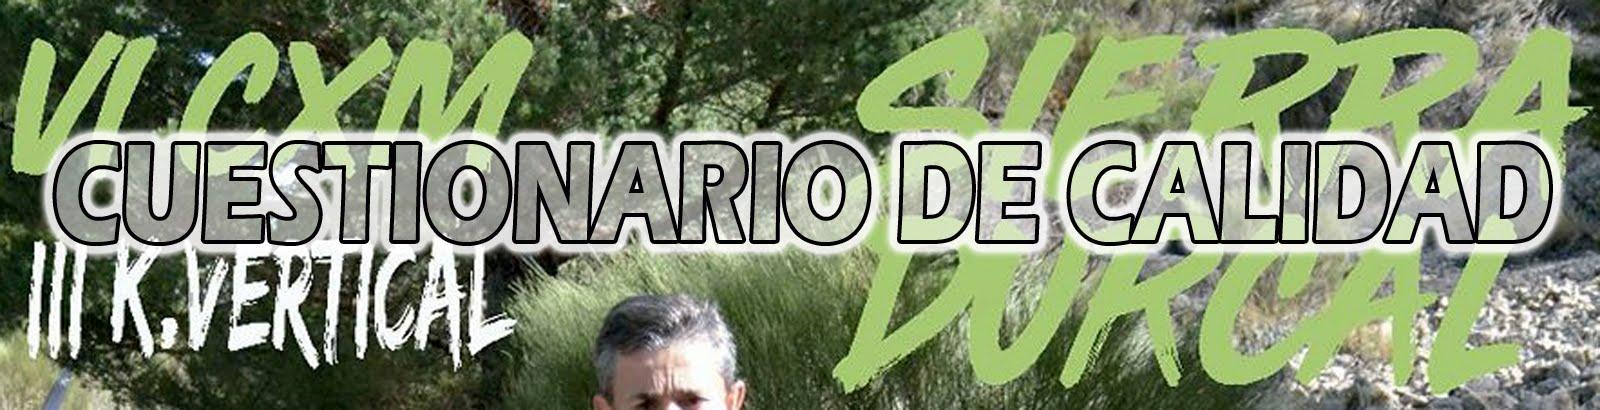 CUESTIONARIO DE CALIDAD: